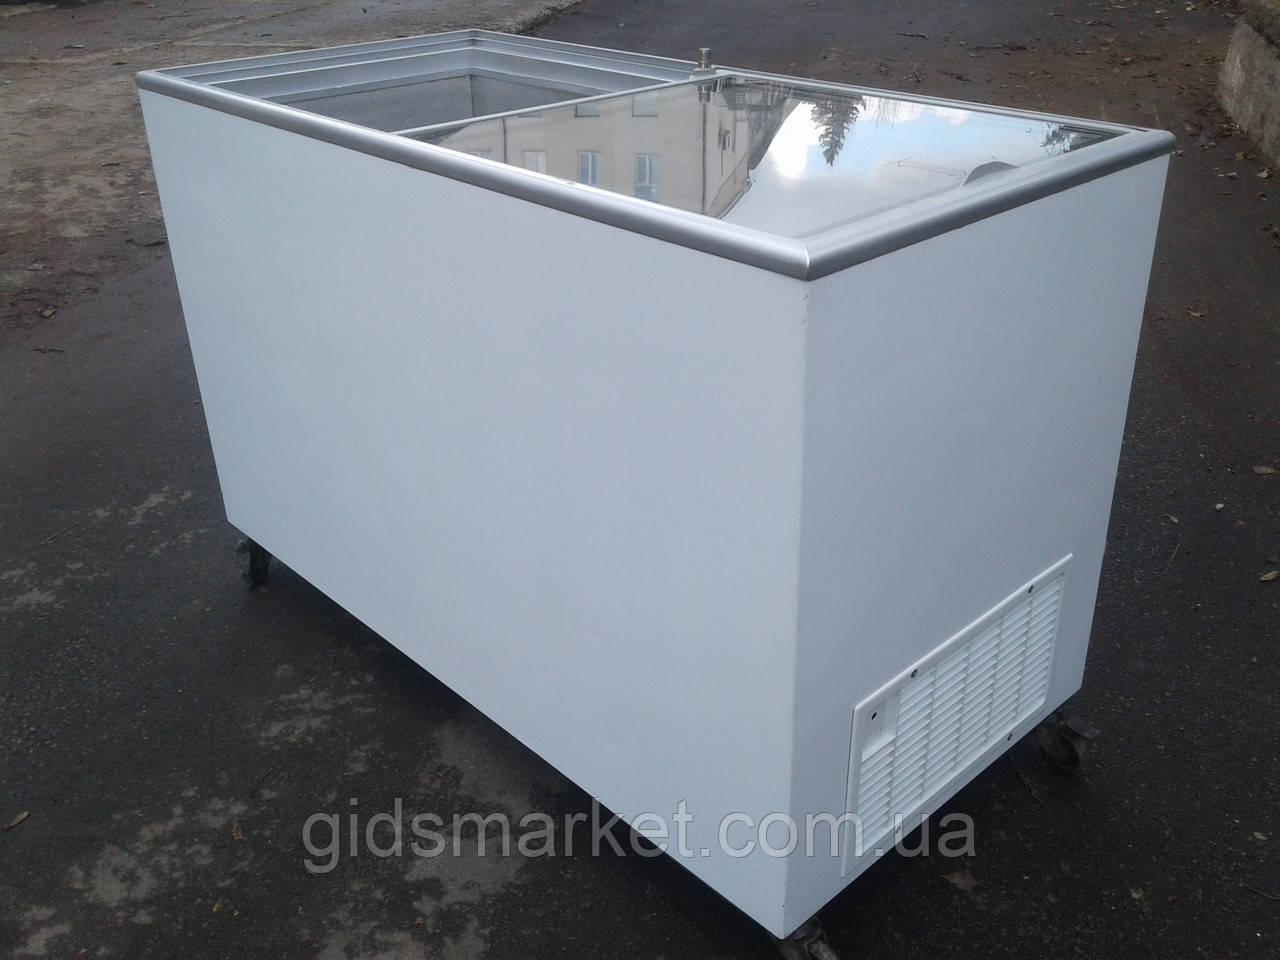 Морозильный ларь  Ugur 390 л. ларь б.у.